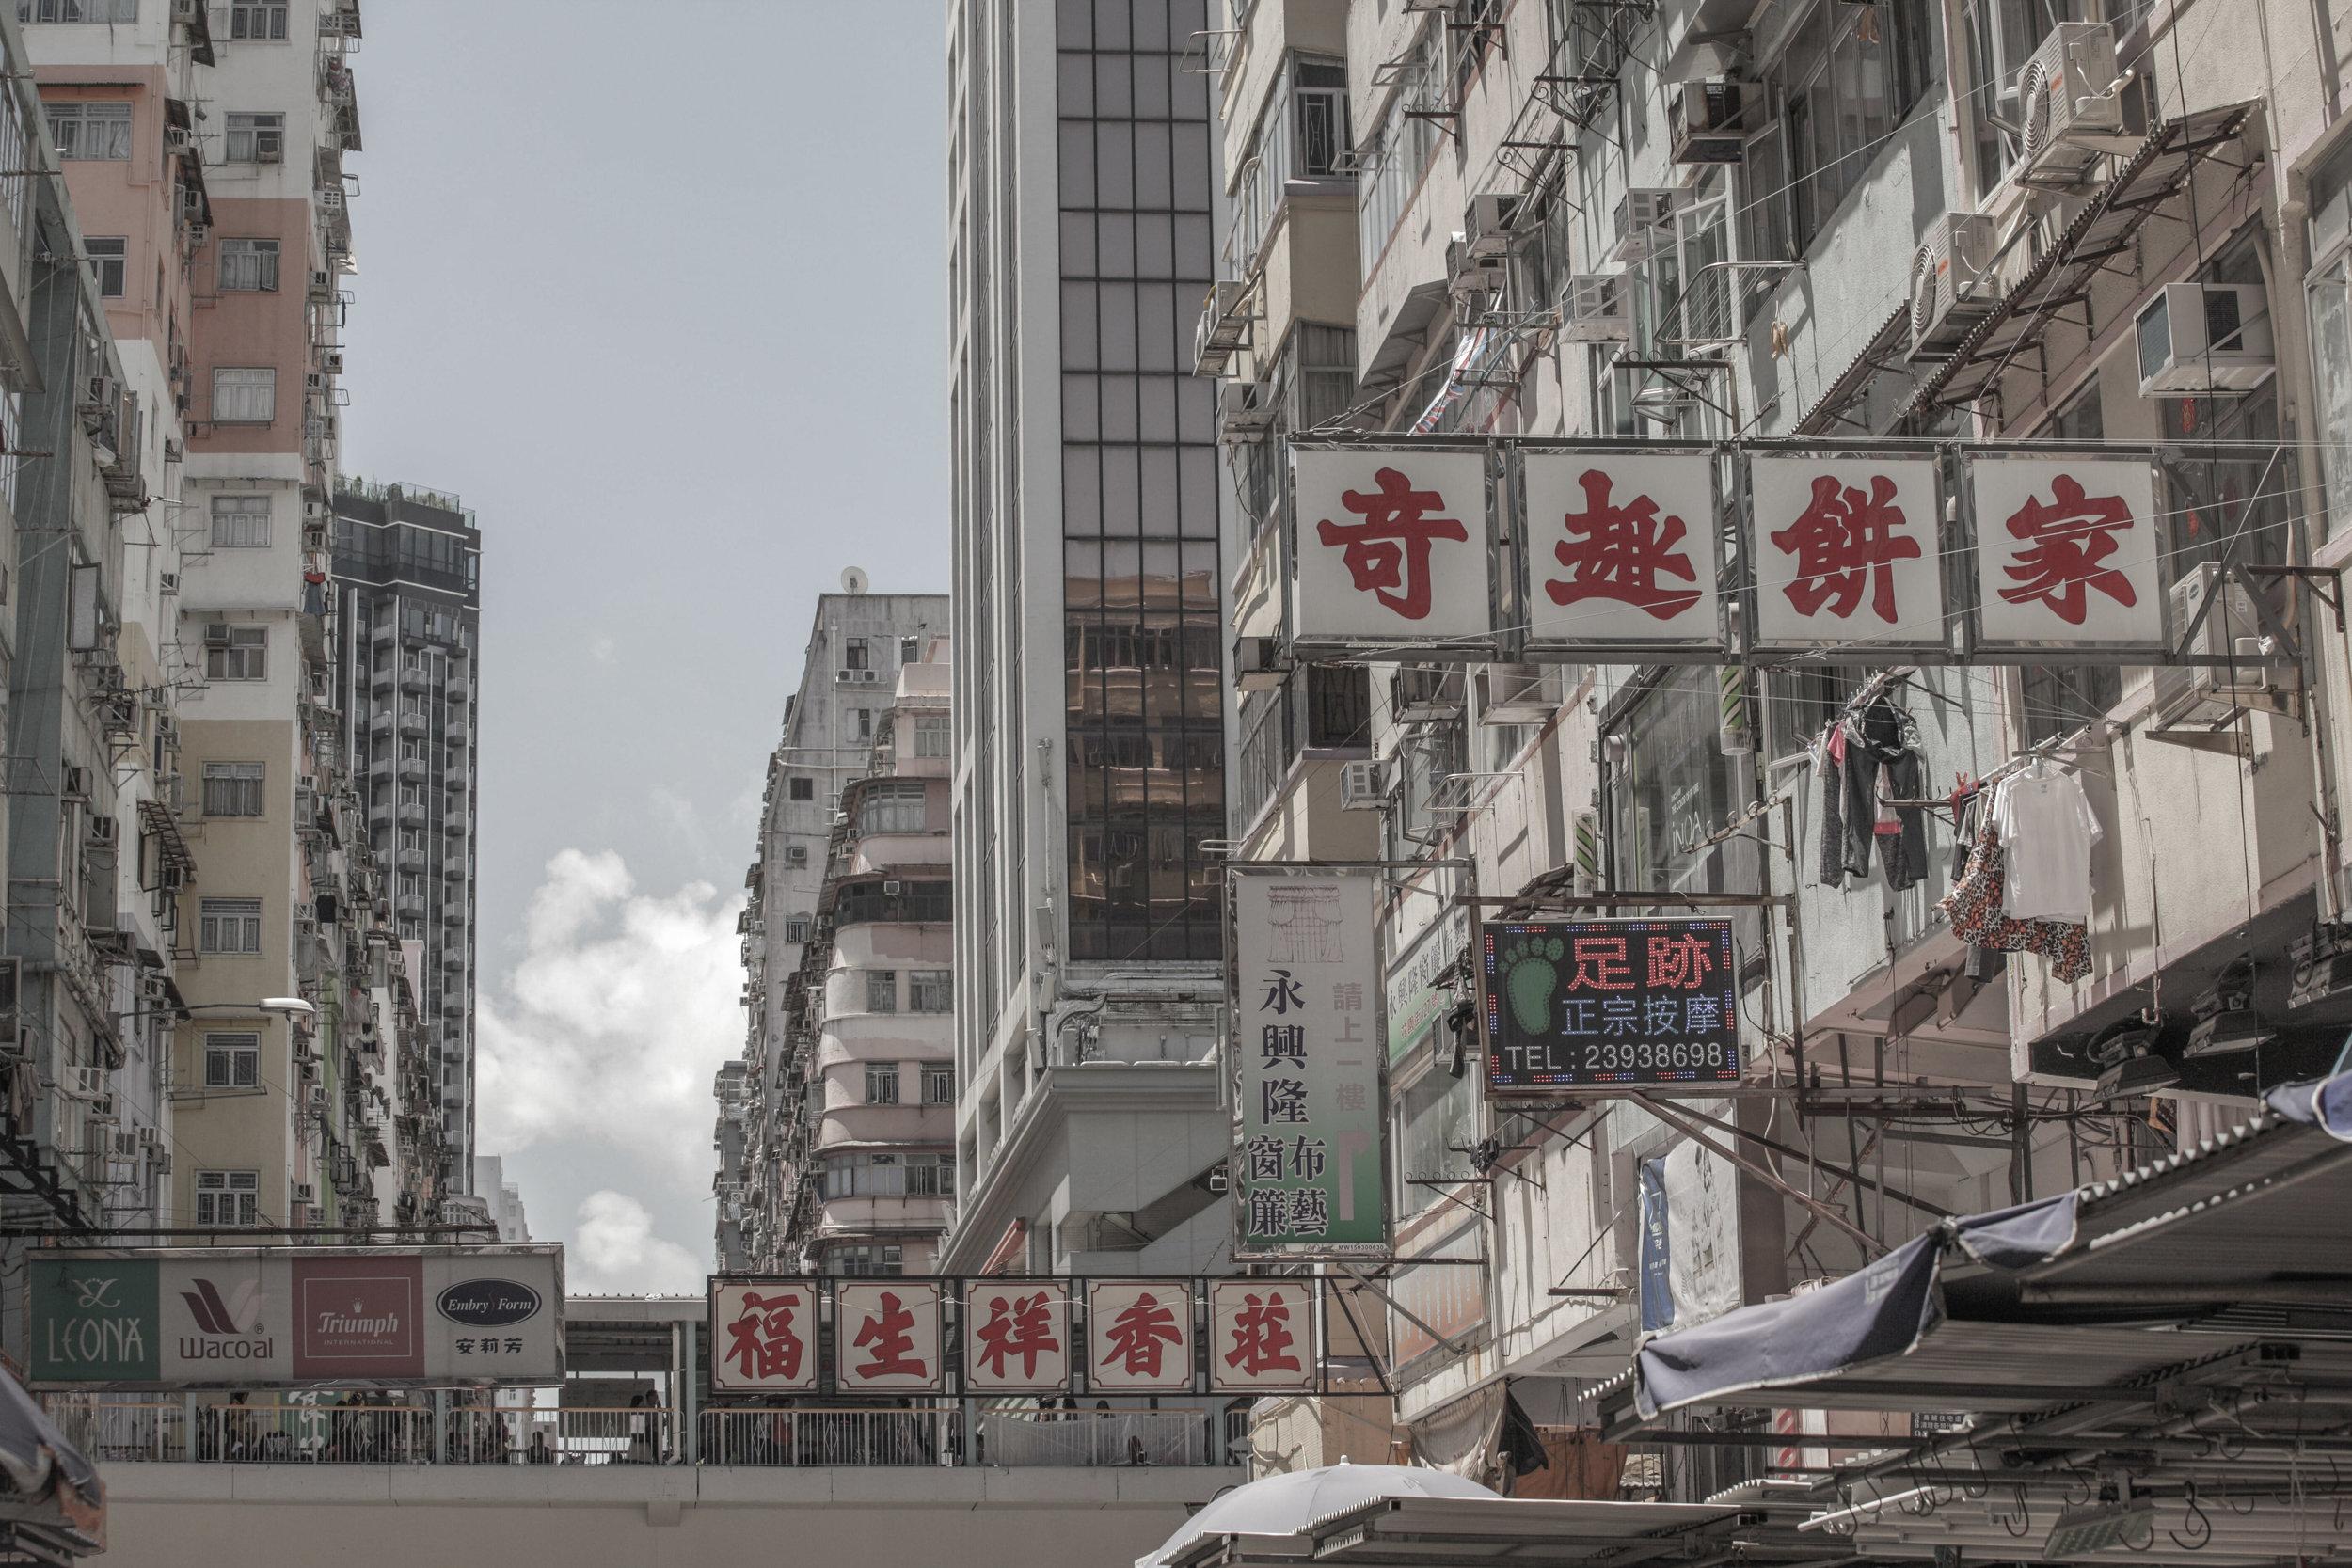 hong kong streets donald ong visuals